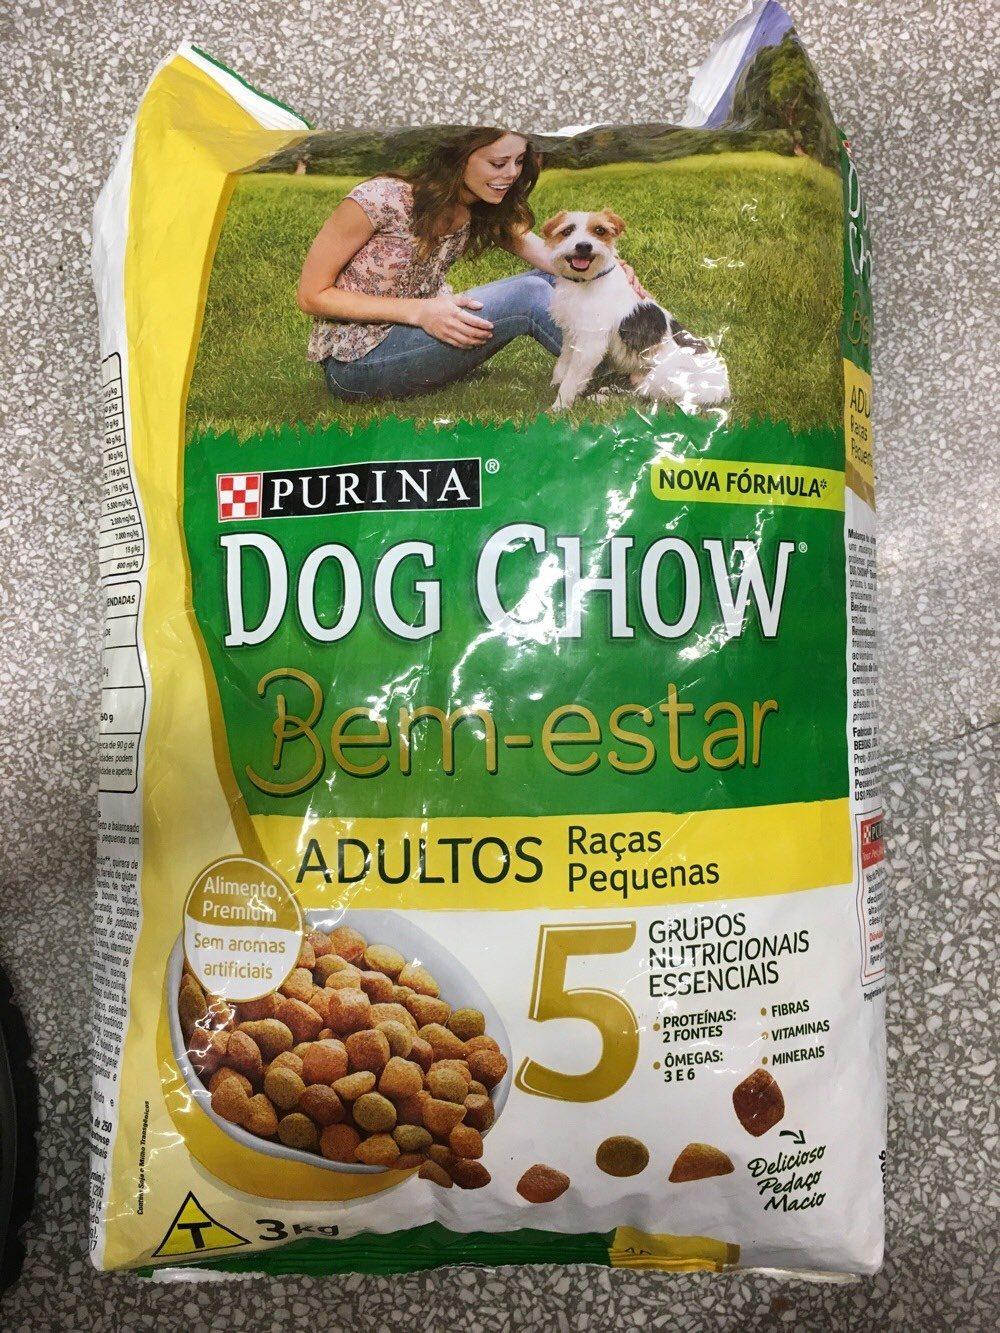 Alimento Dog chow 3kg Bem estar raças pequenas - Product - pt